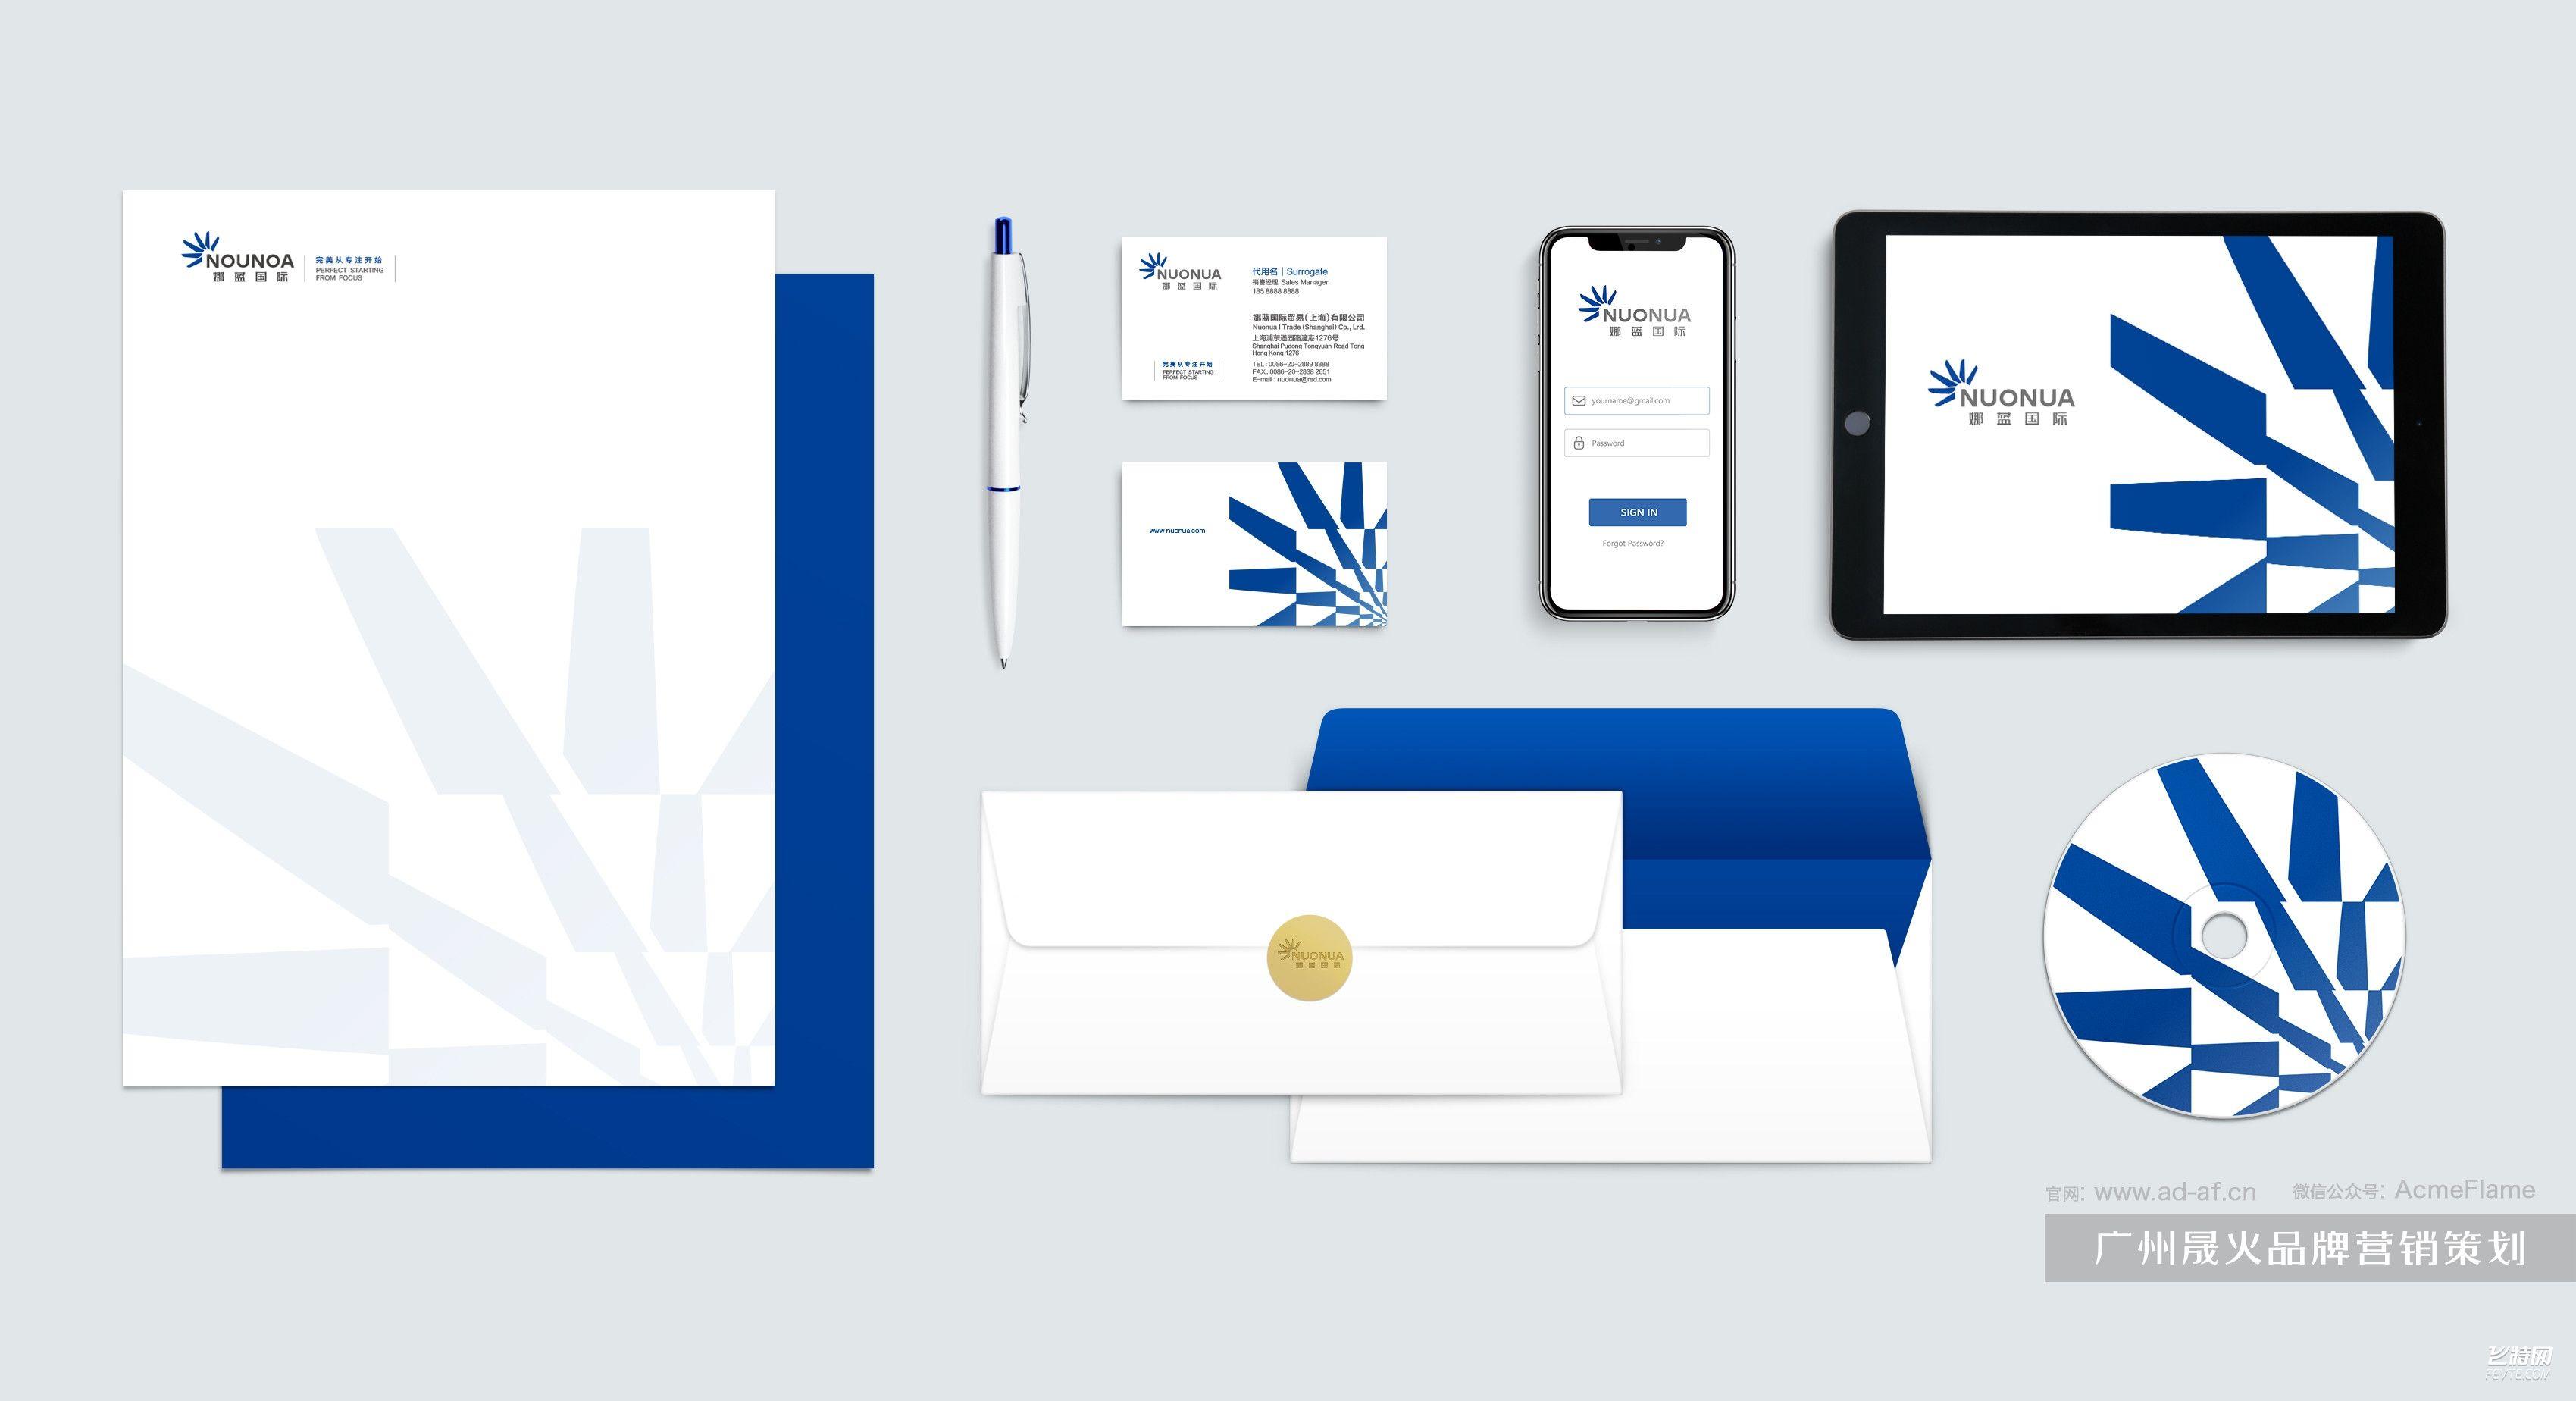 娜蓝国际-医疗品牌设计 飞特网 VI设计